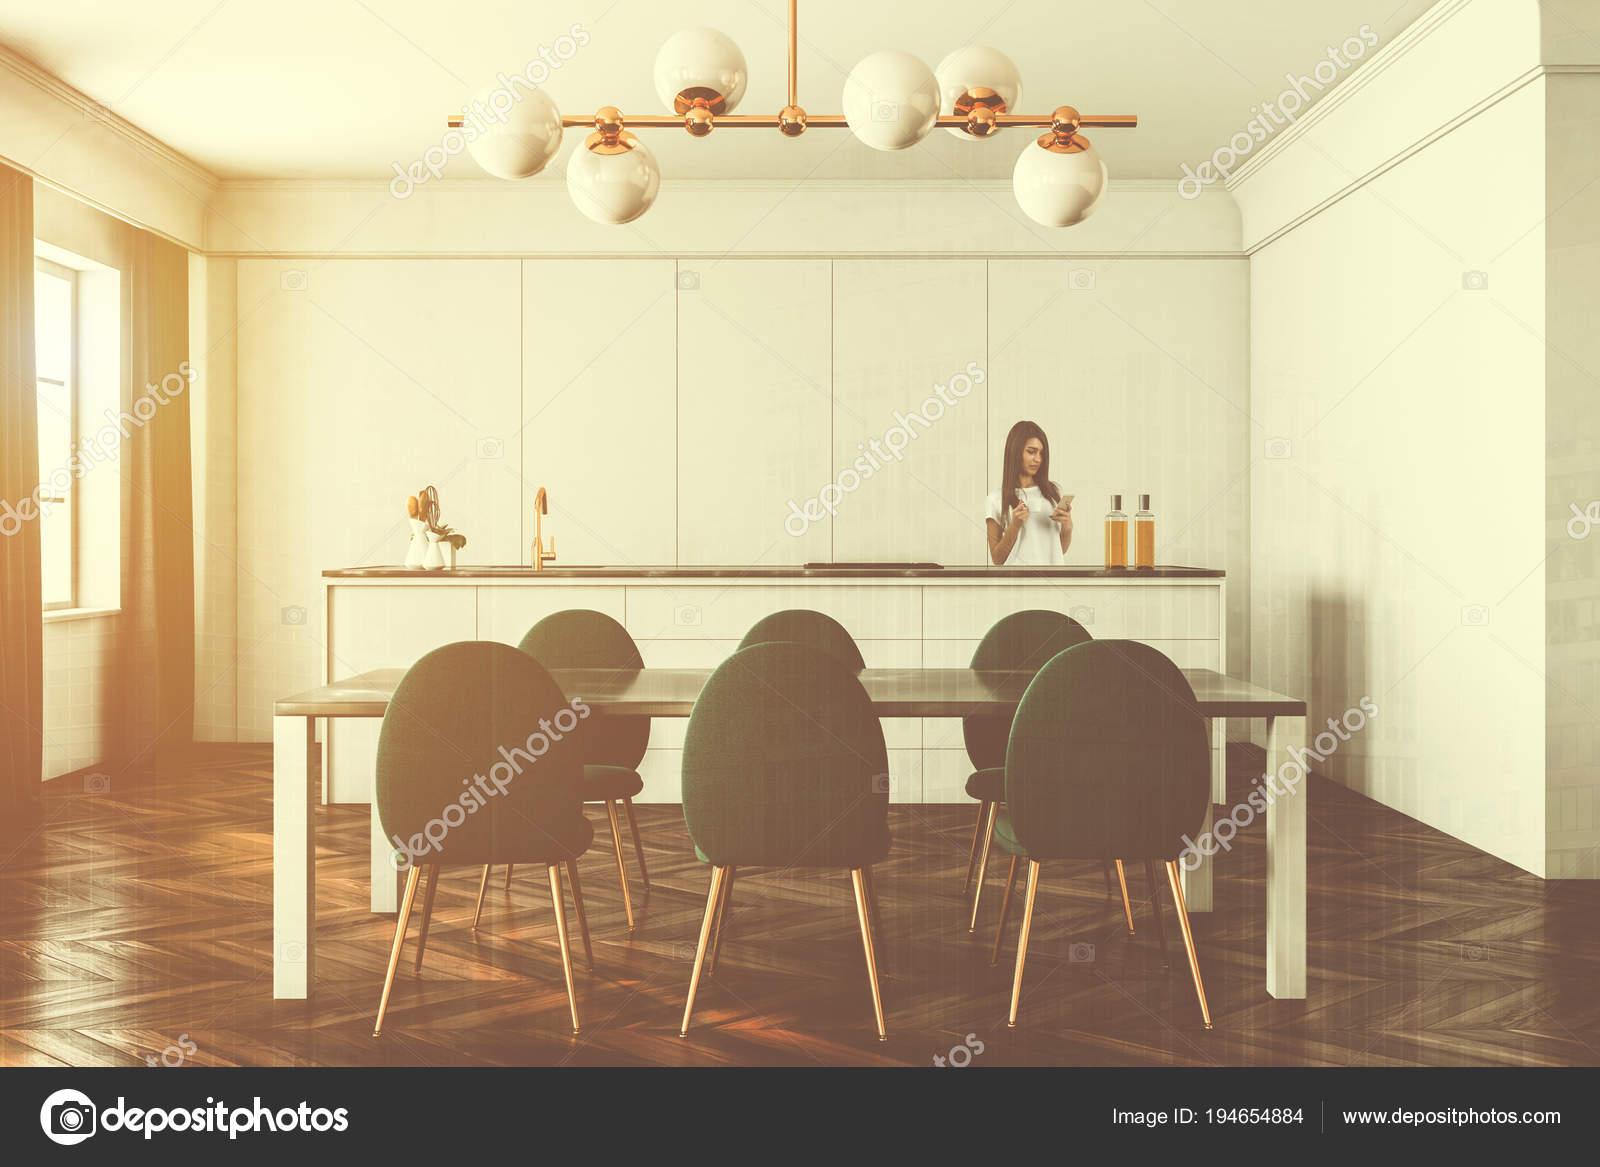 White Esszimmer Und Kuche Getonten Grune Stuhle Stockfoto